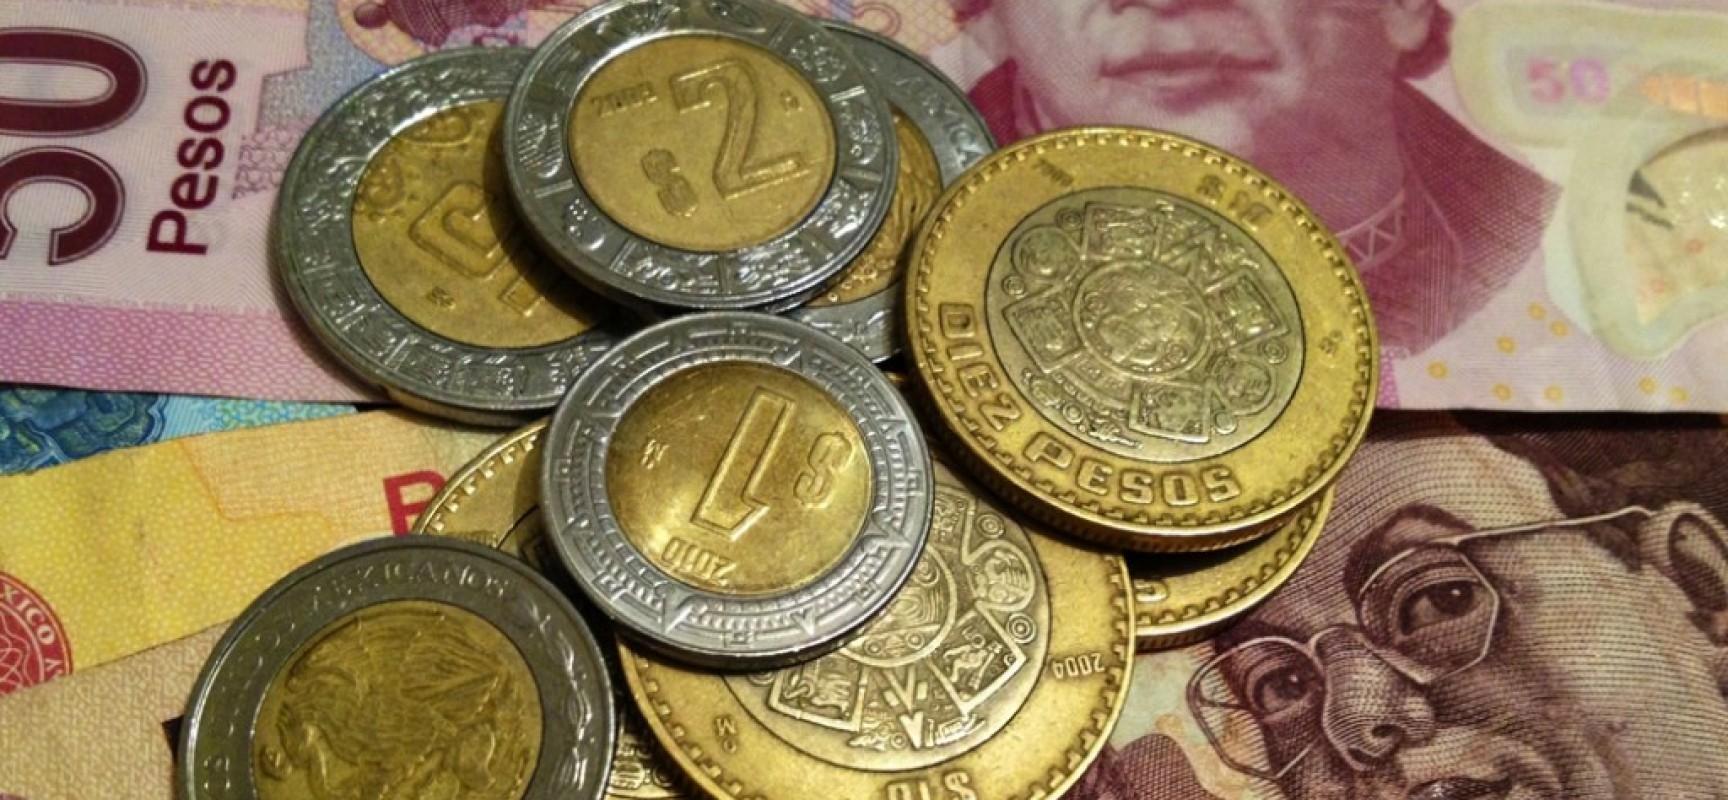 El peso inicia la sesión con una apreciación de 0.33% o 6.4 centavos, cotizando alrededor de 19.14 pesos por dólar